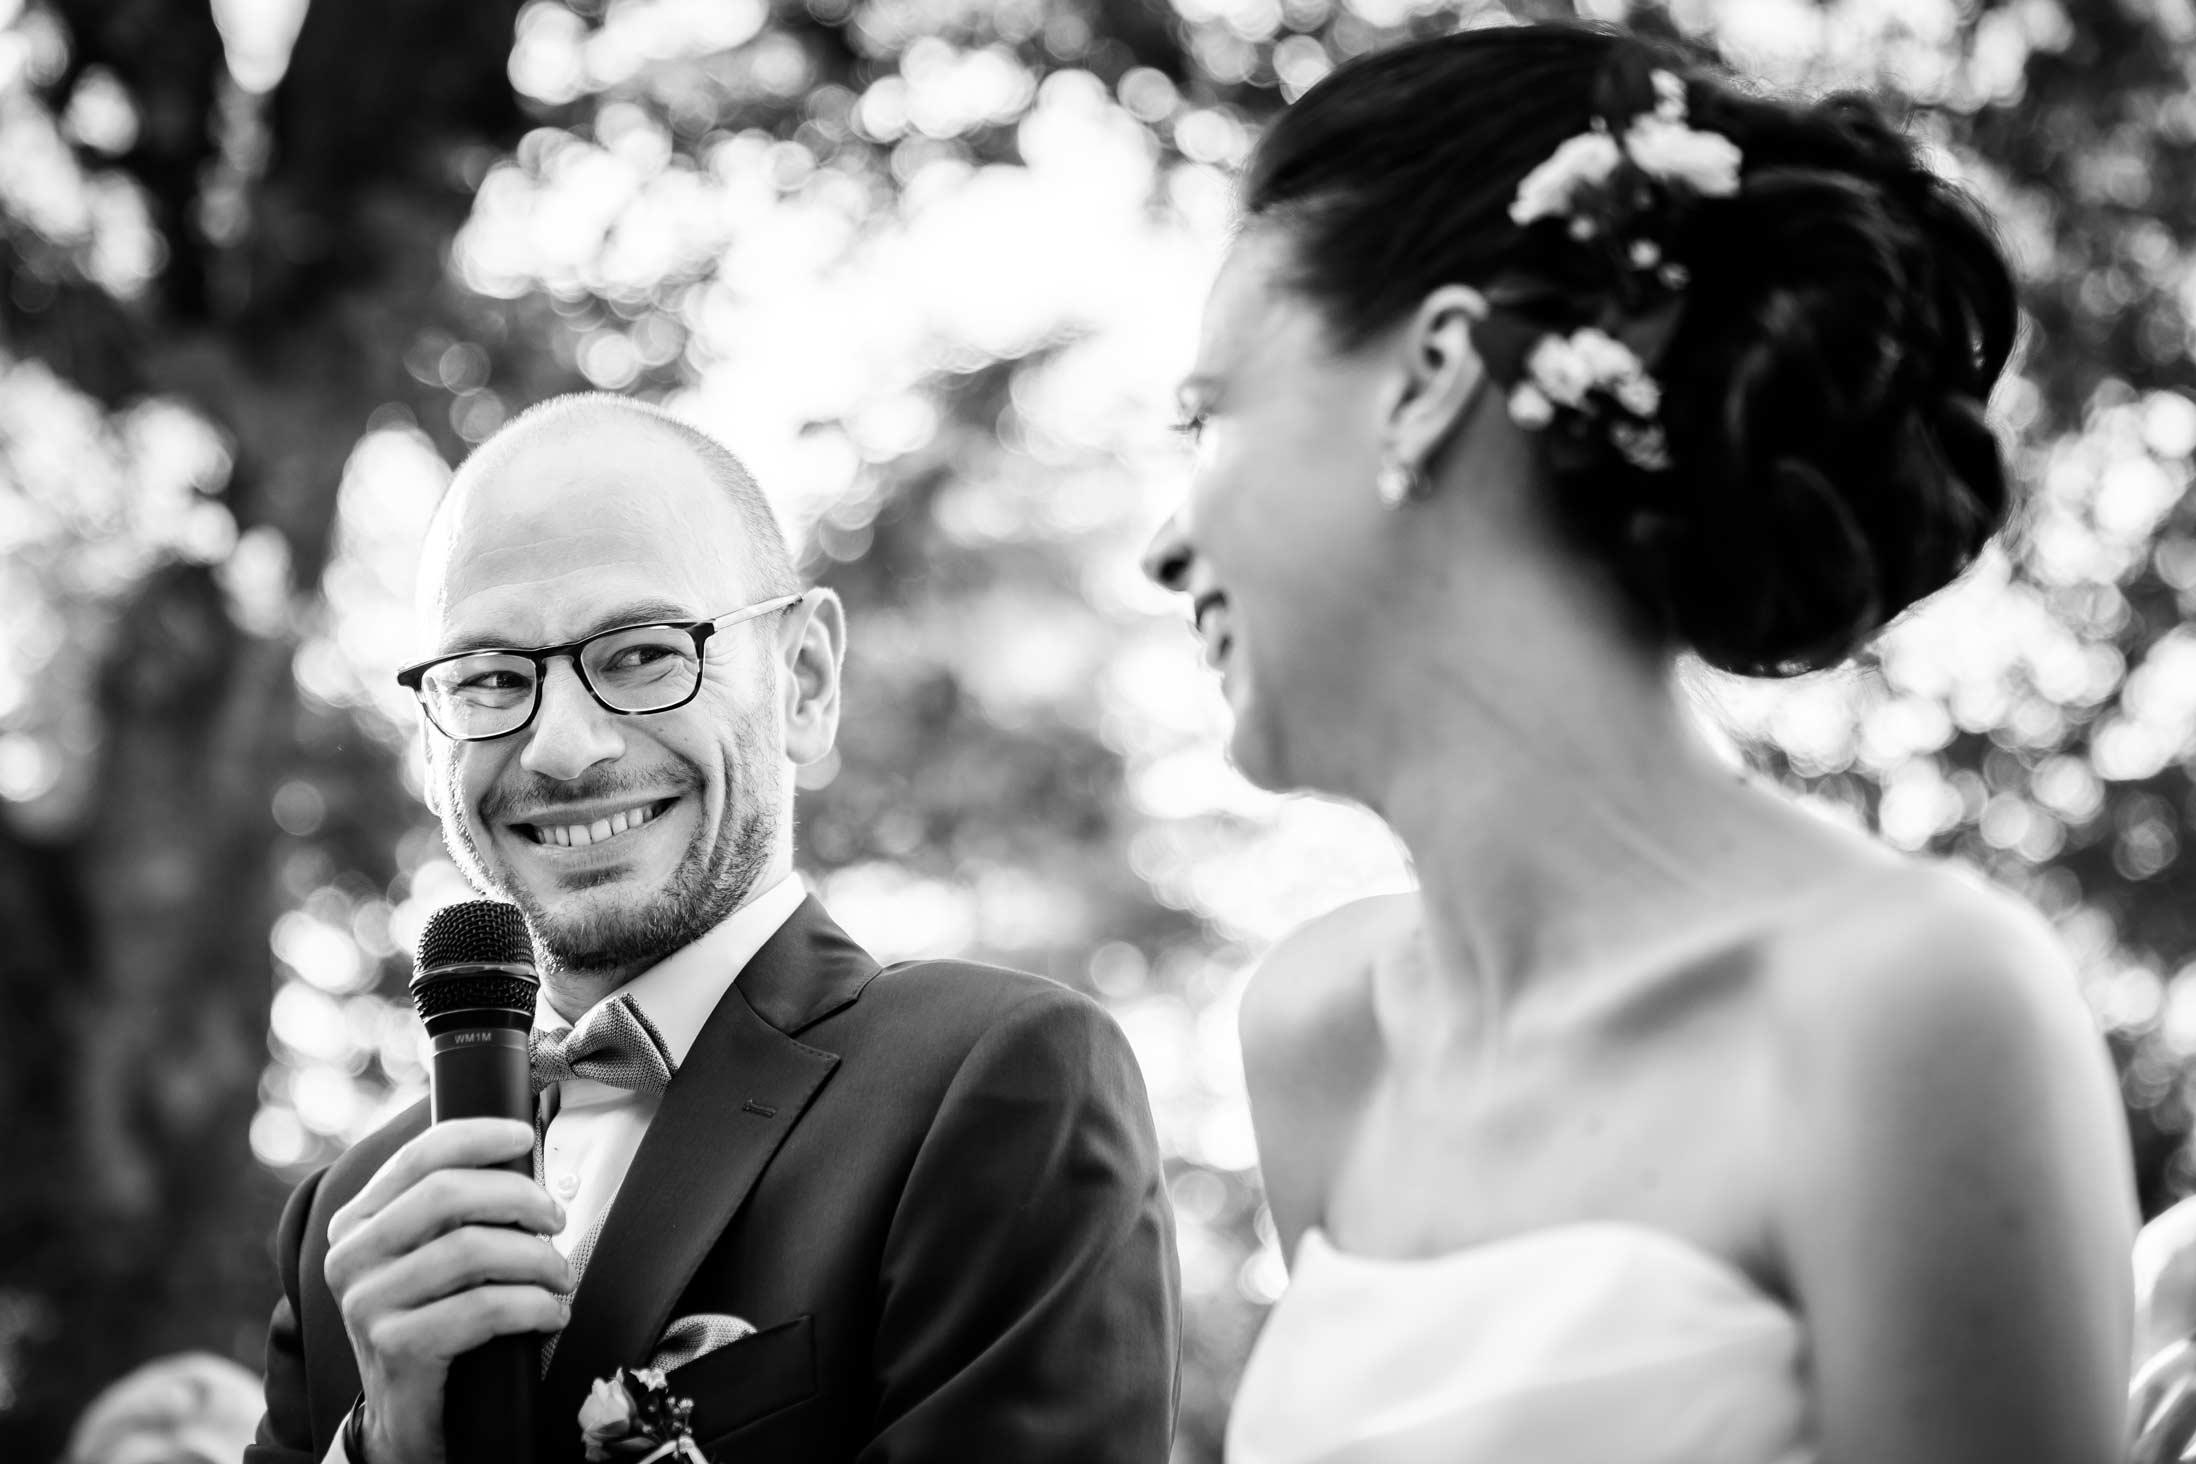 Reportage-Wedding-Photographer-Rome-1-Ceremony